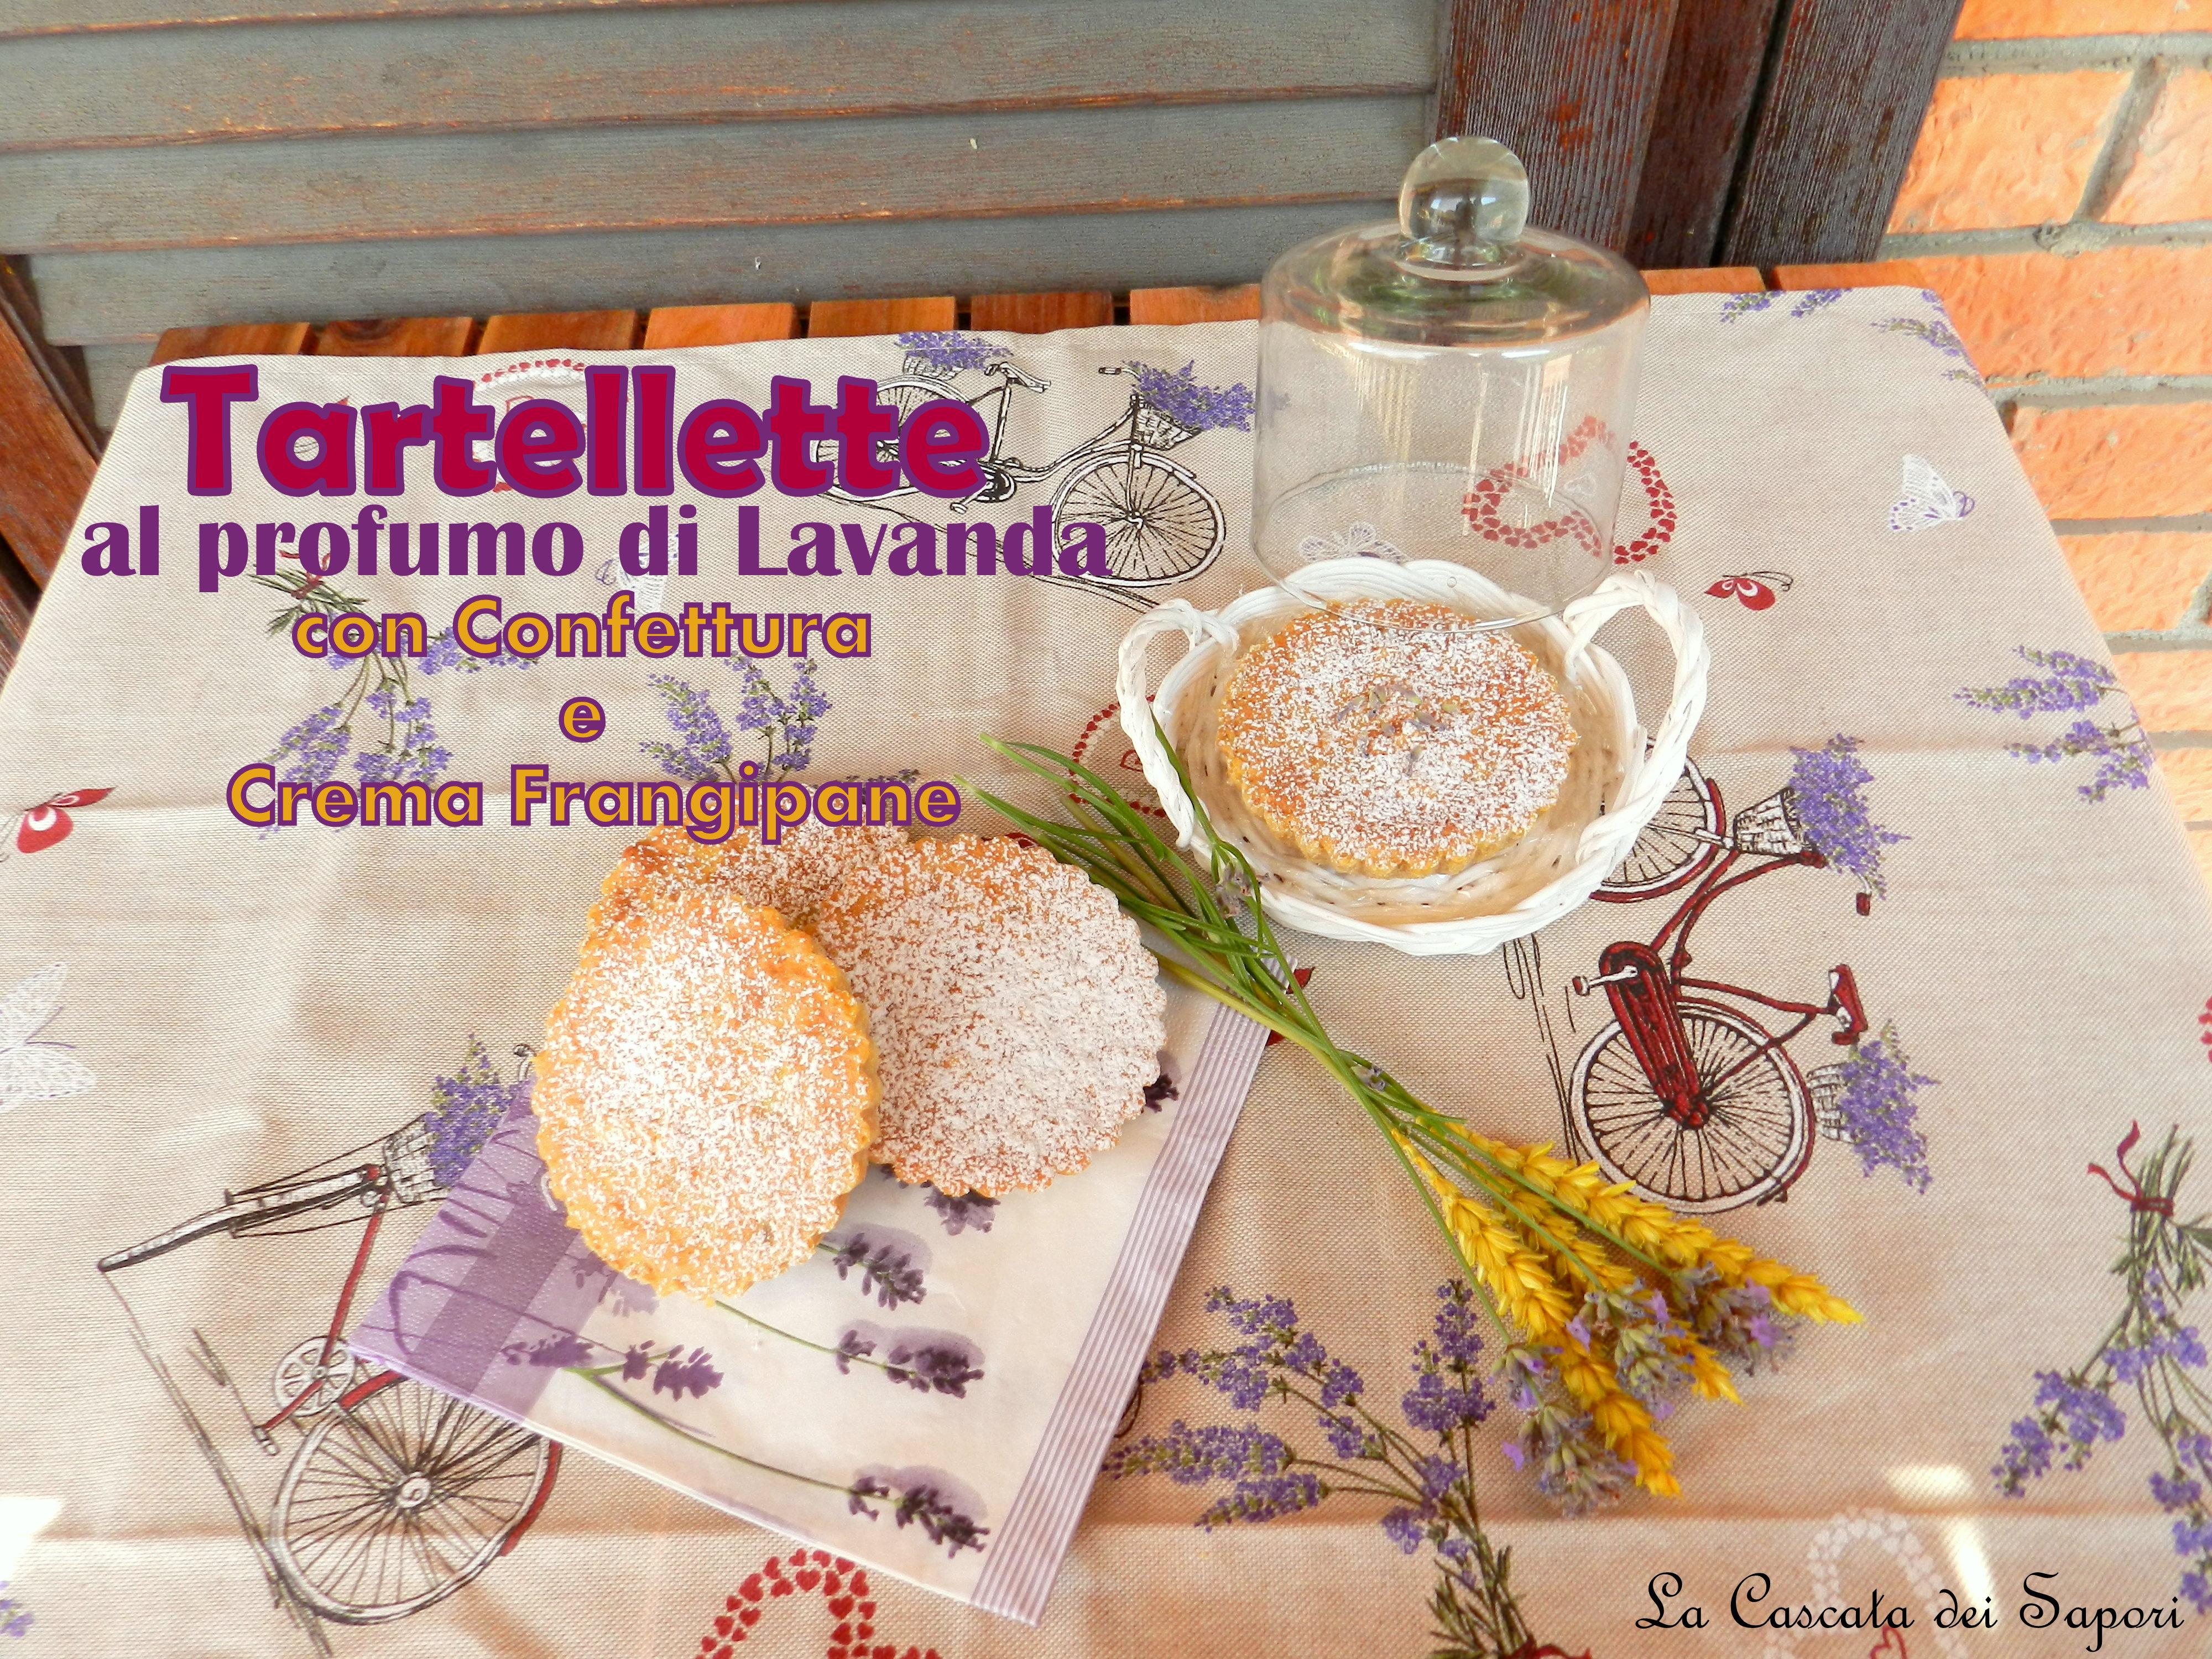 Tartellette al profumo di Lavanda con Confettura e Crema Frangipane